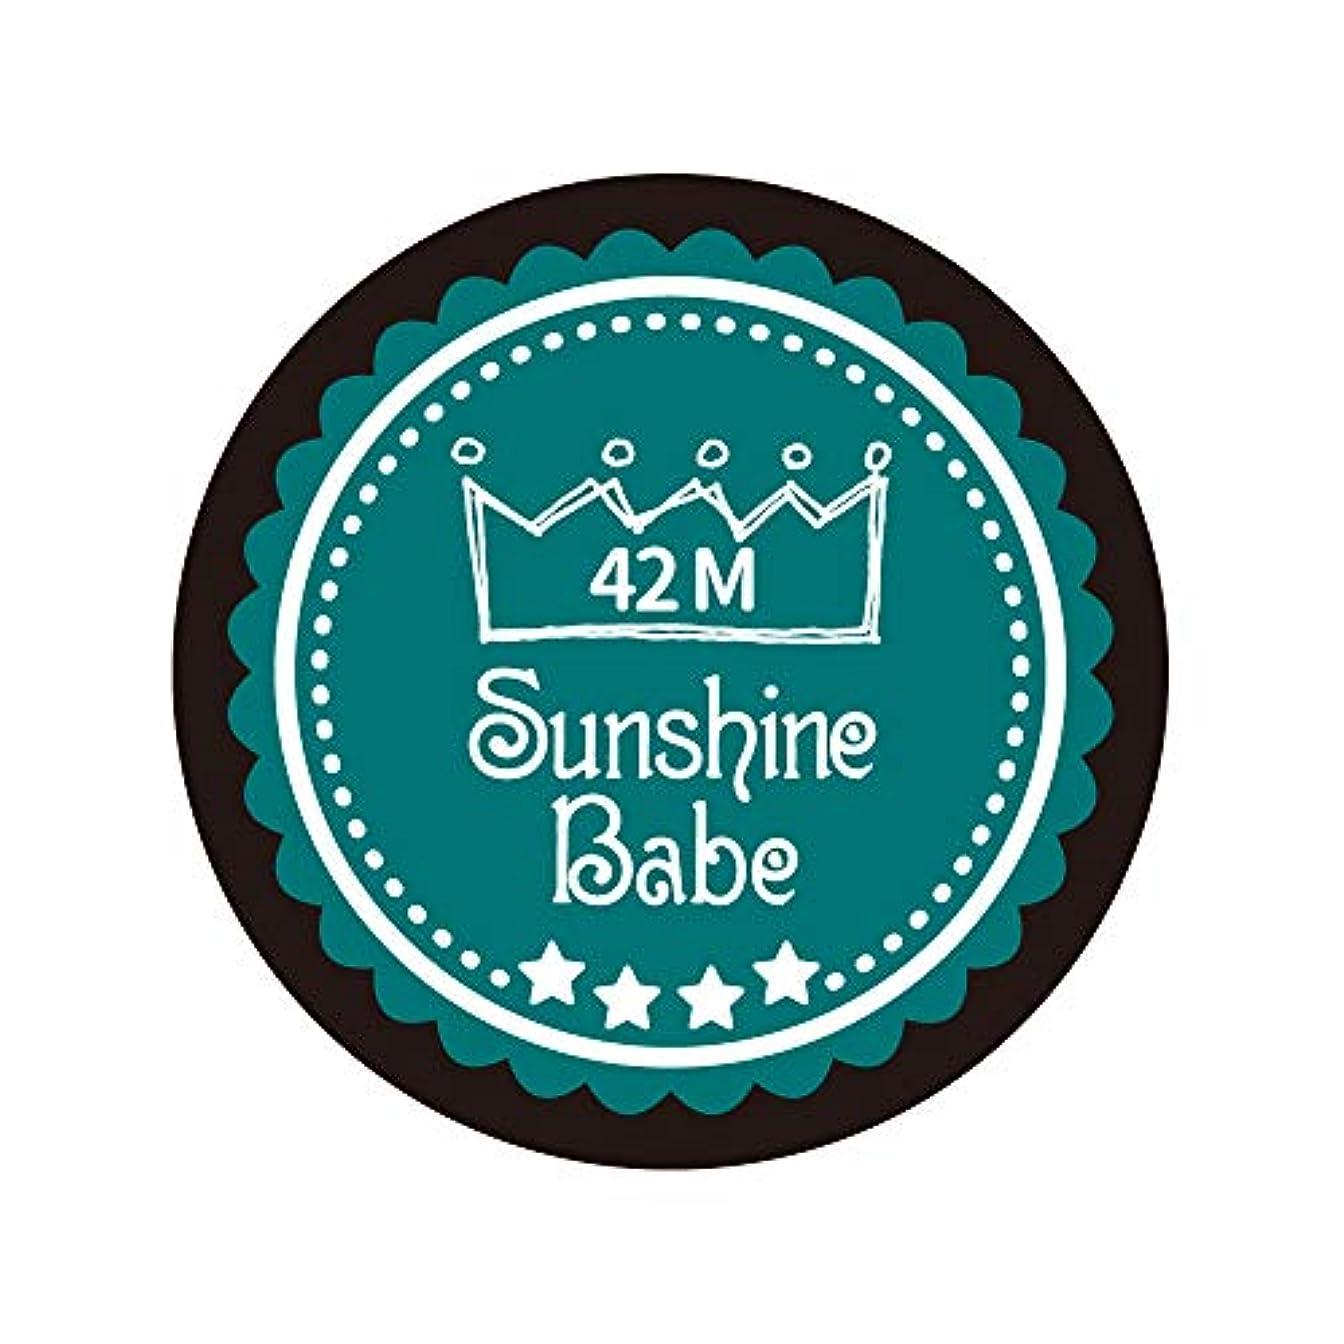 悪性ポーズ砲兵Sunshine Babe カラージェル 42M ケツァールグリーン 4g UV/LED対応